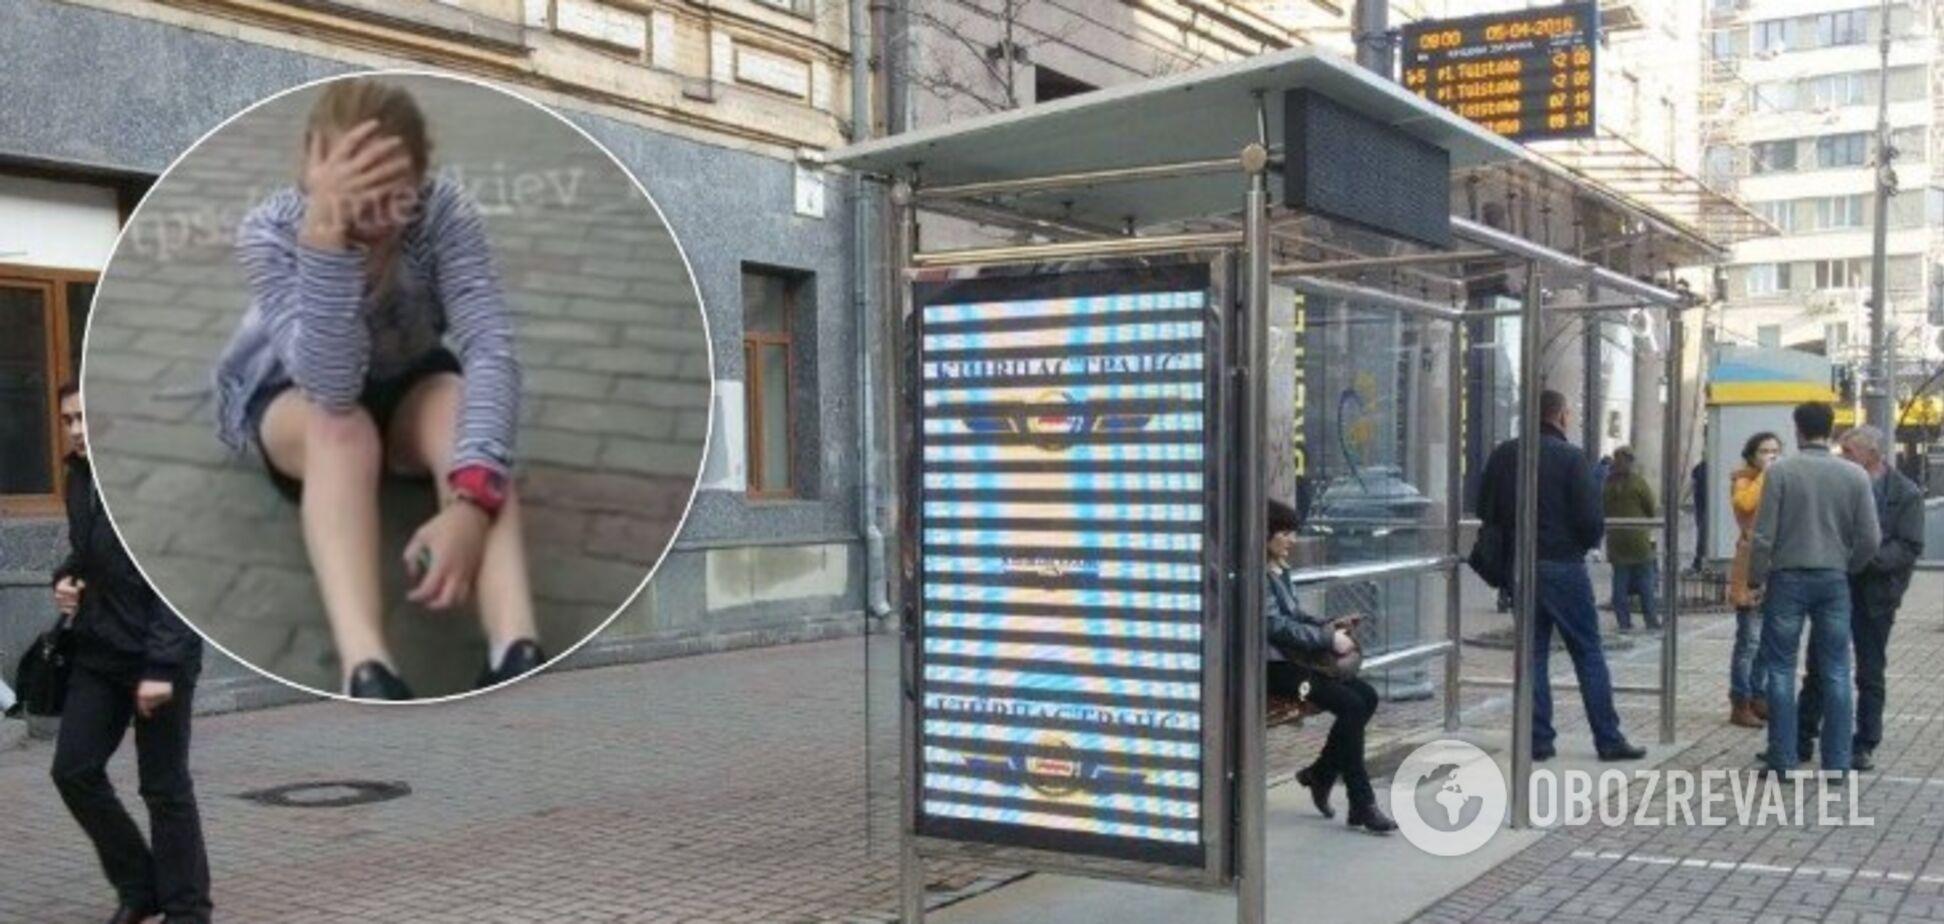 У центрі Києва на зупинці невідомий побив жінку. Фото: колаж